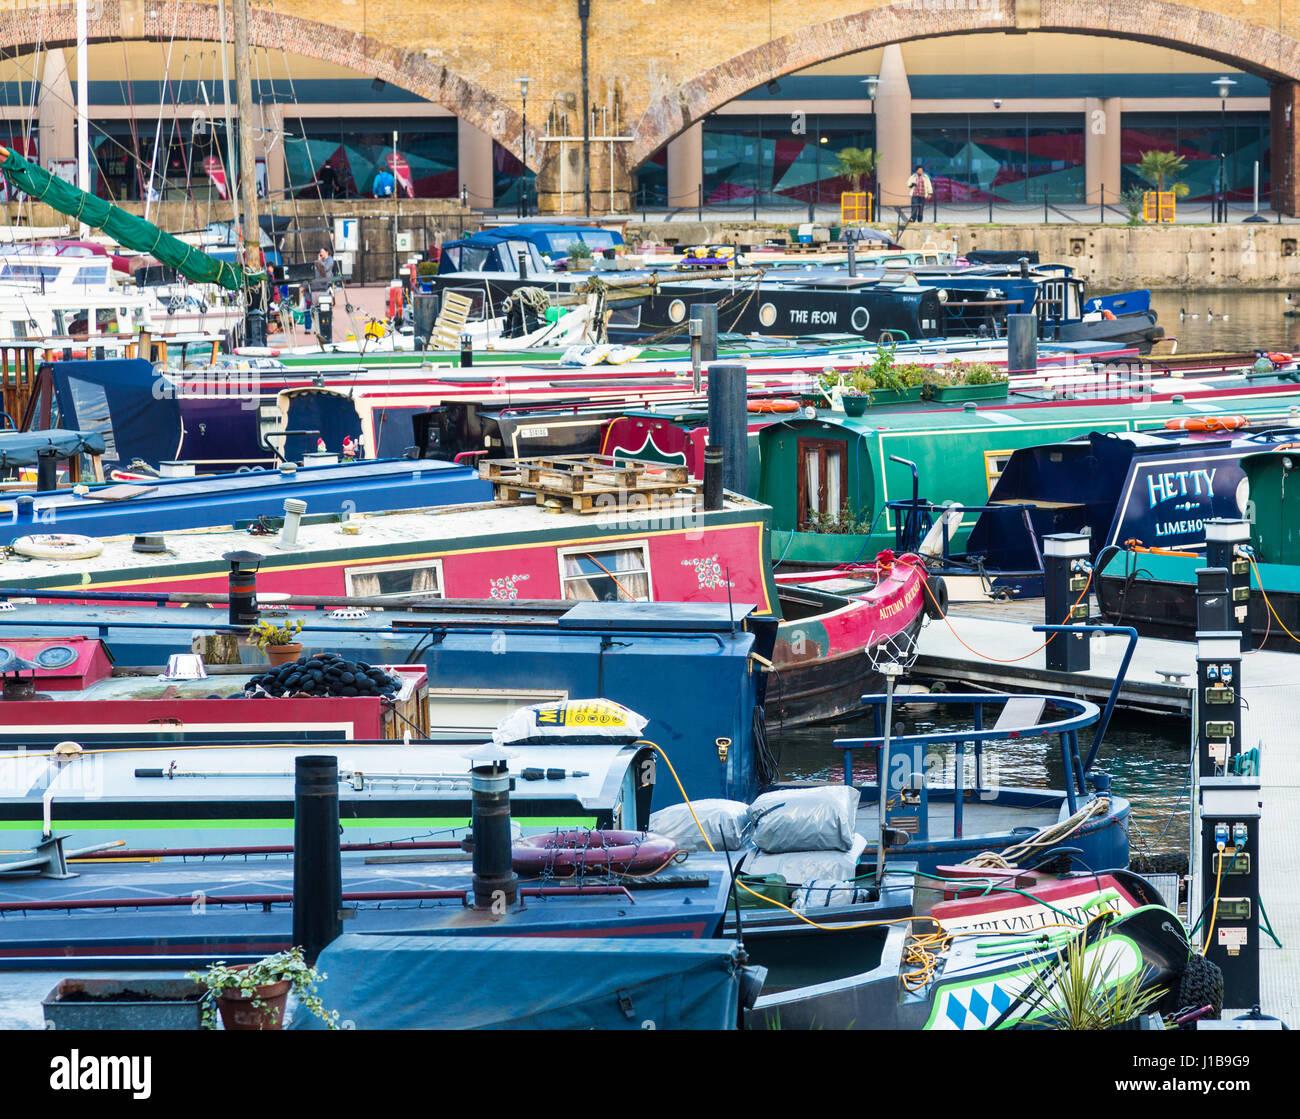 Les barges et péniches dans Limehouse Basin Marina dans les Docklands, l'East End de Londres, Angleterre Photo Stock